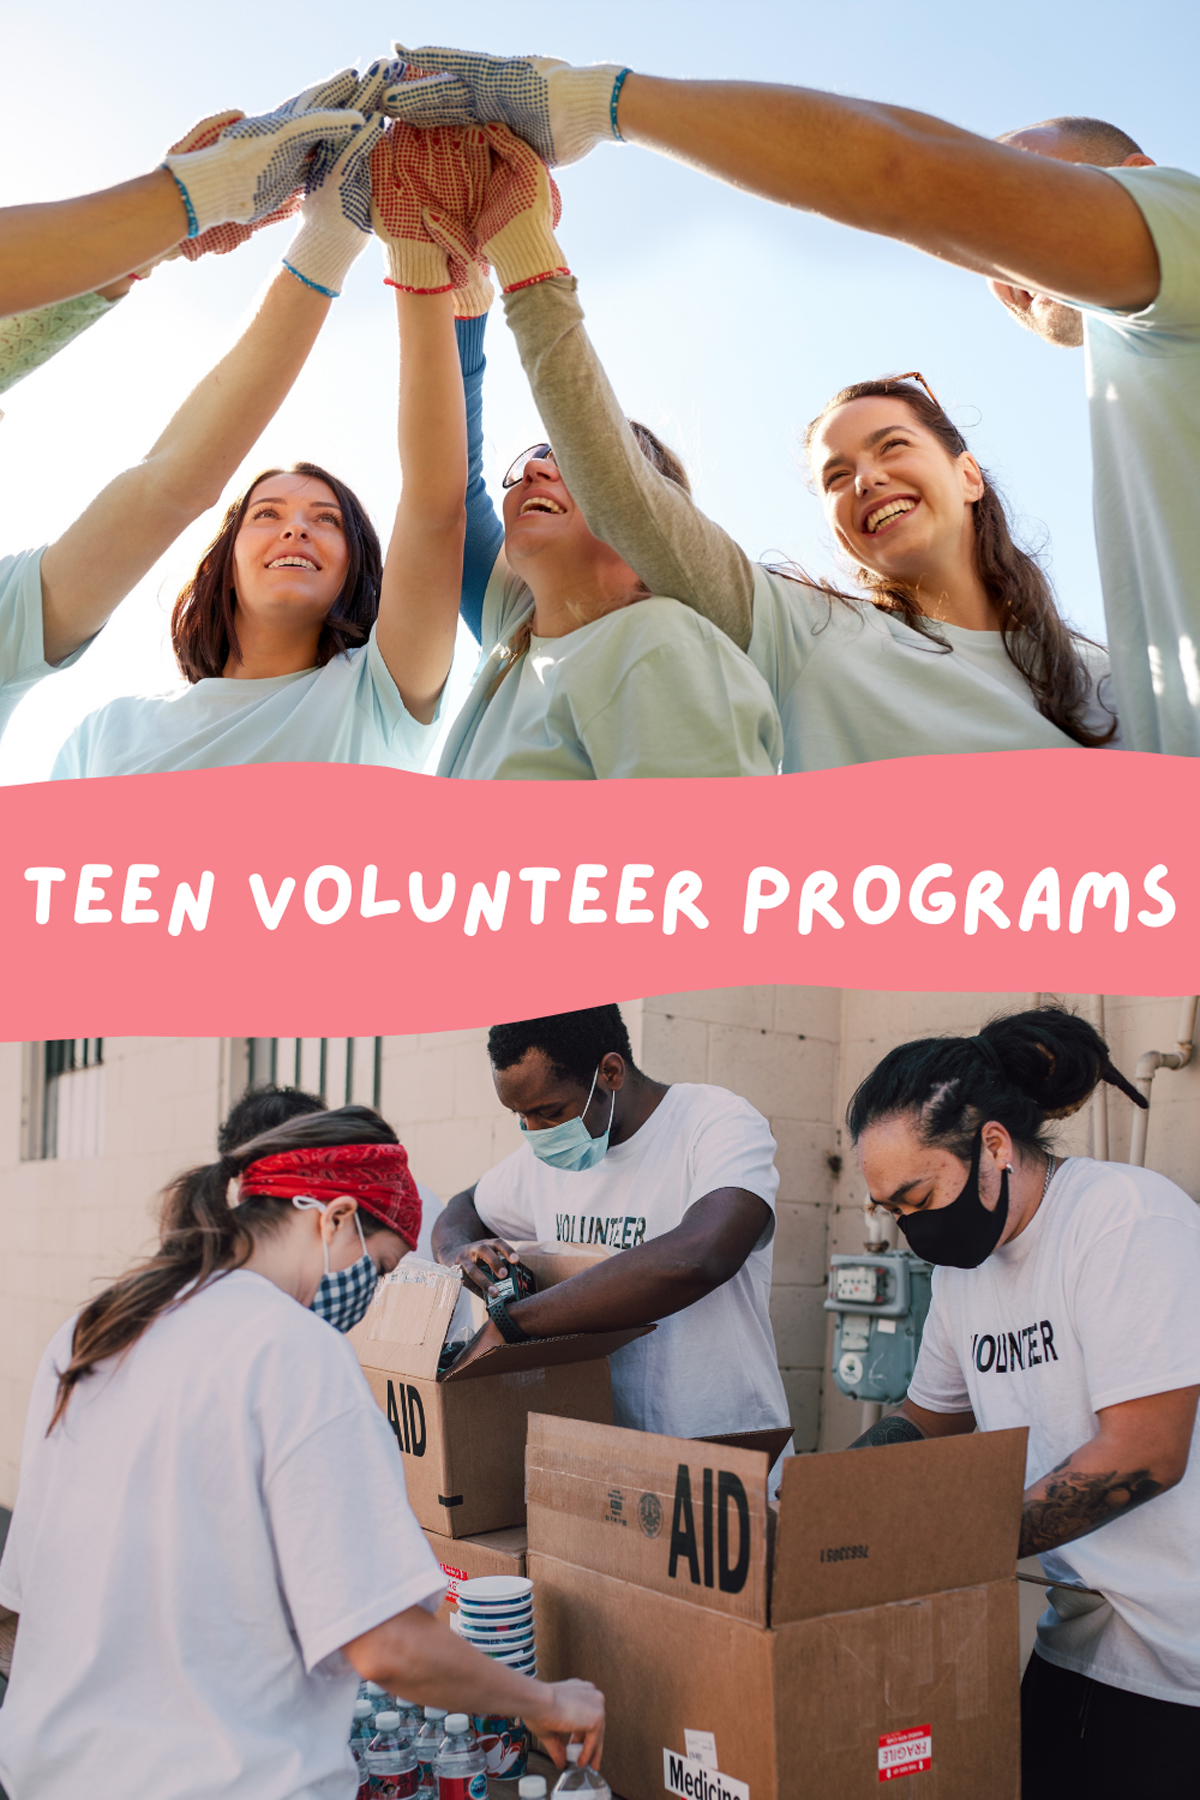 Best Volunteer Jobs For Teens